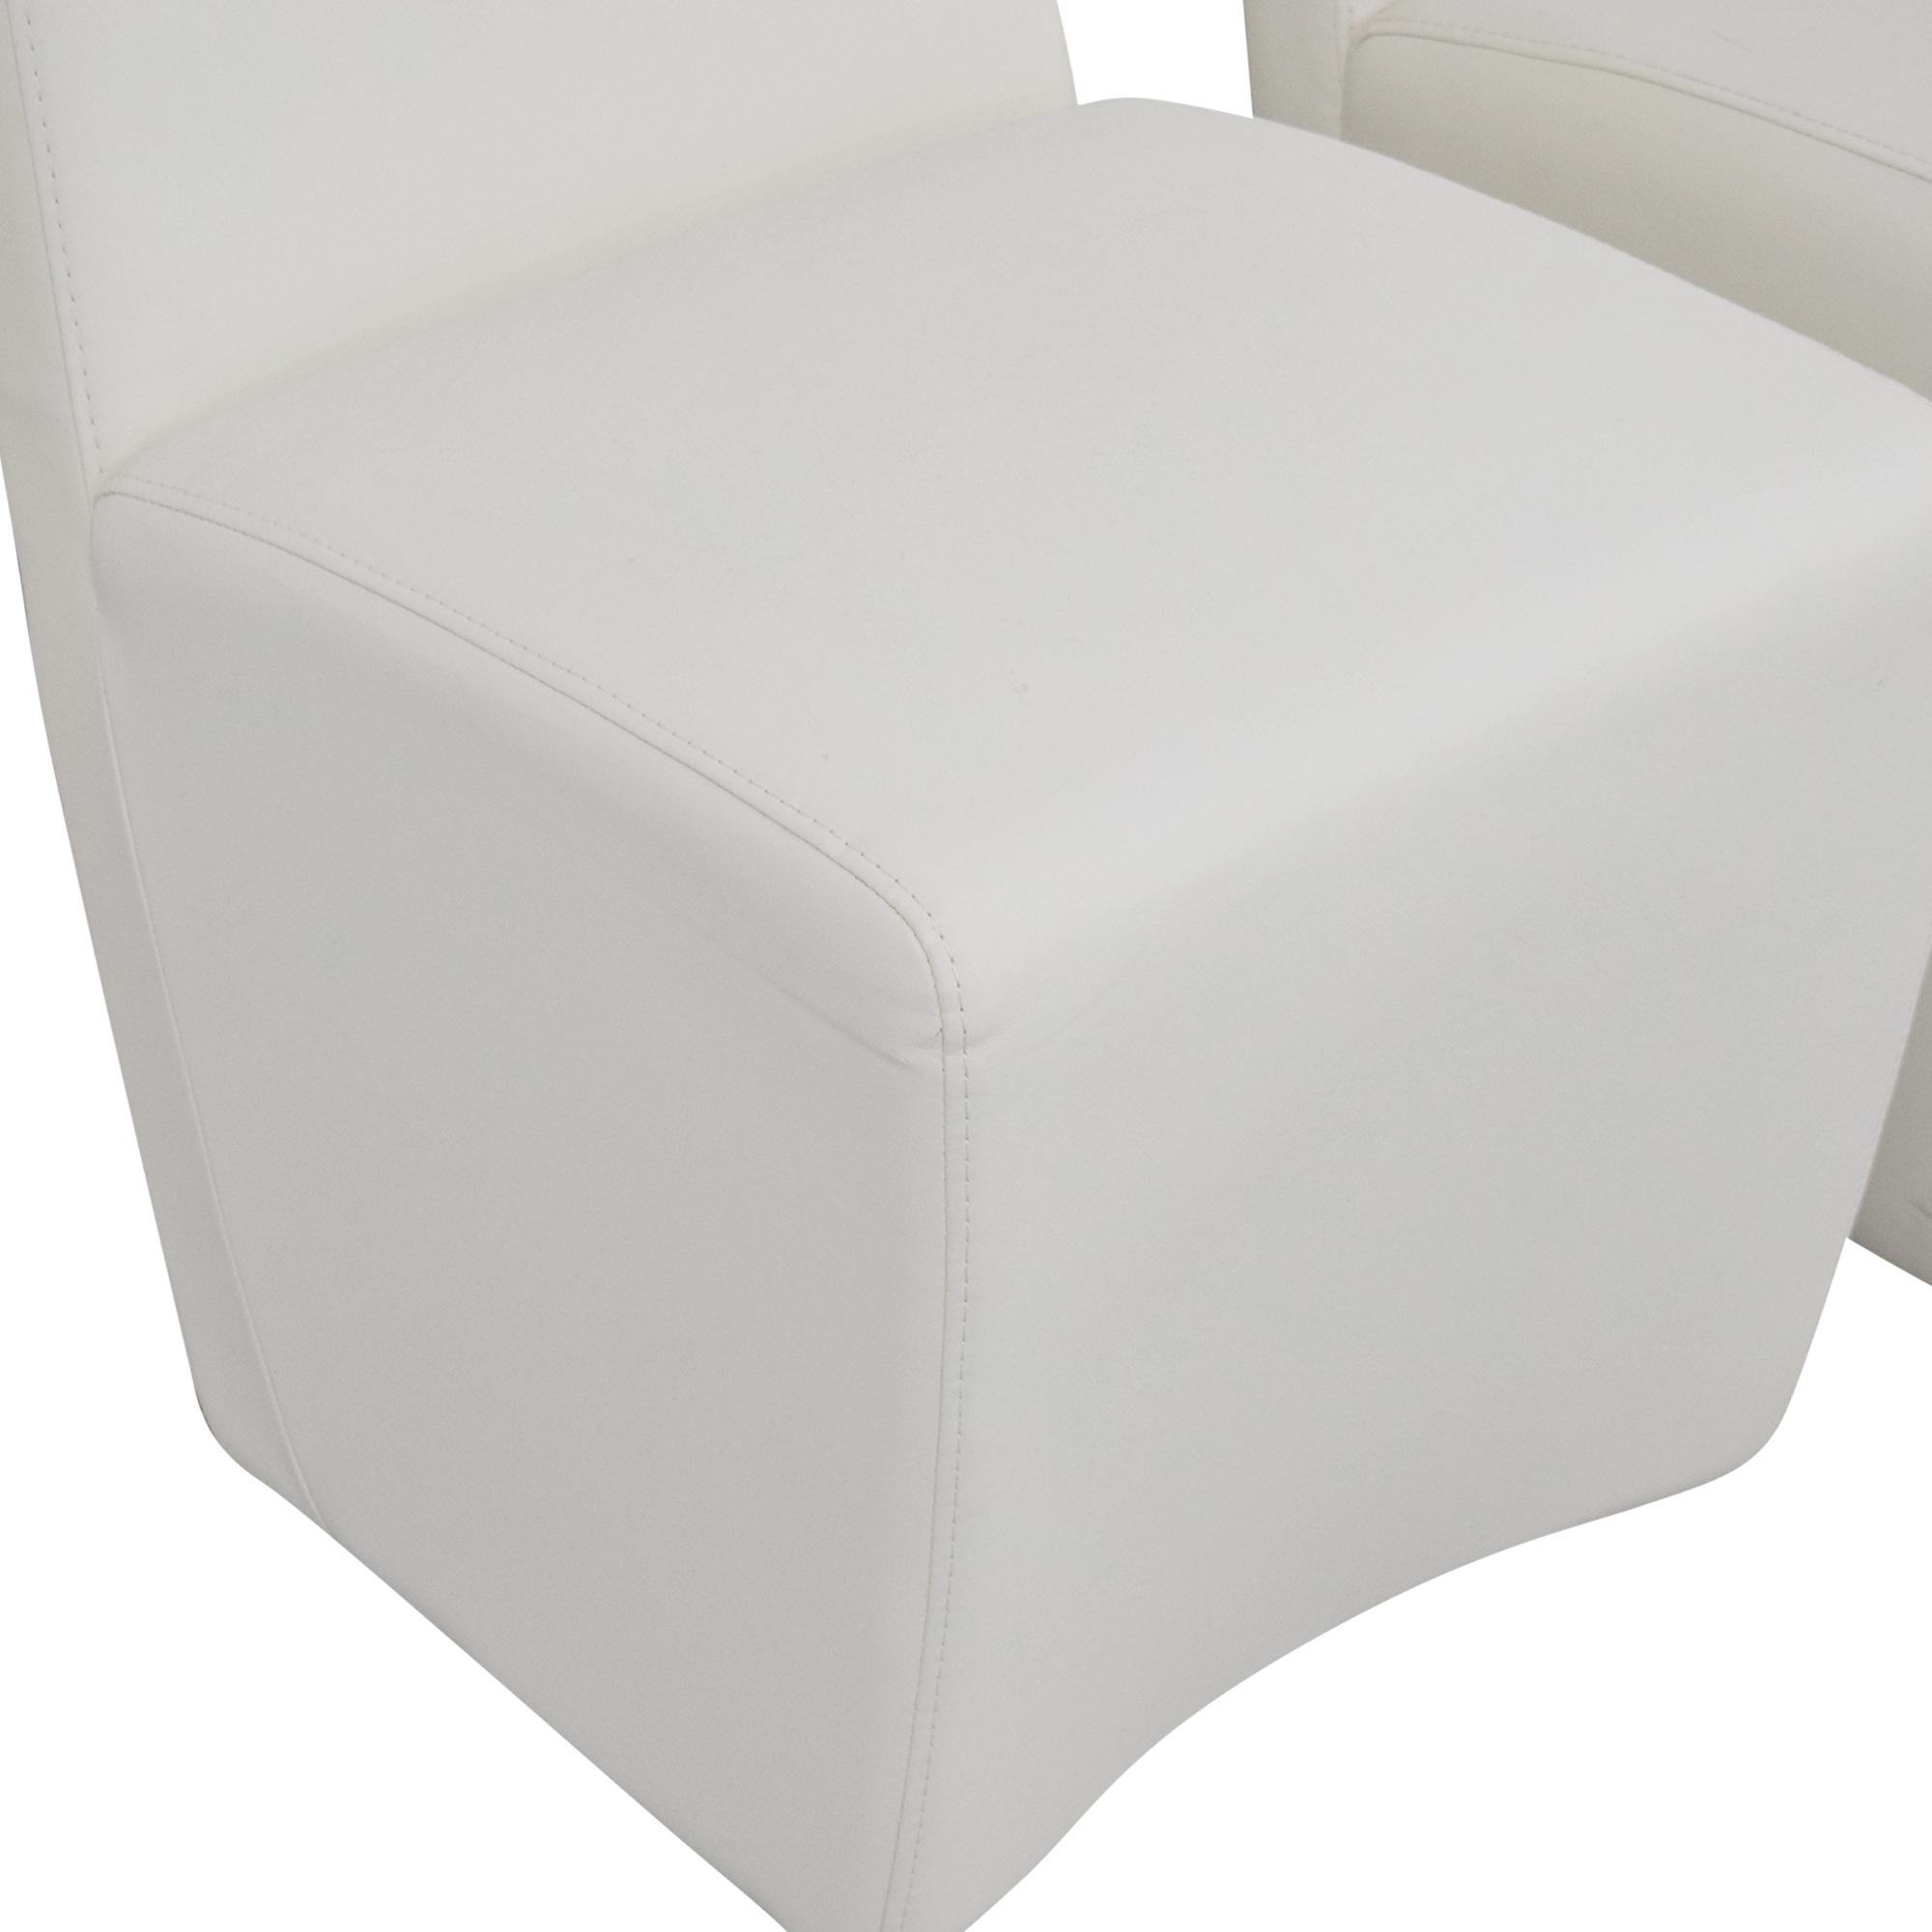 buy Star Furniture Ritz by Essentials Tobi Dining Side Chairs Star Furniture Dining Chairs